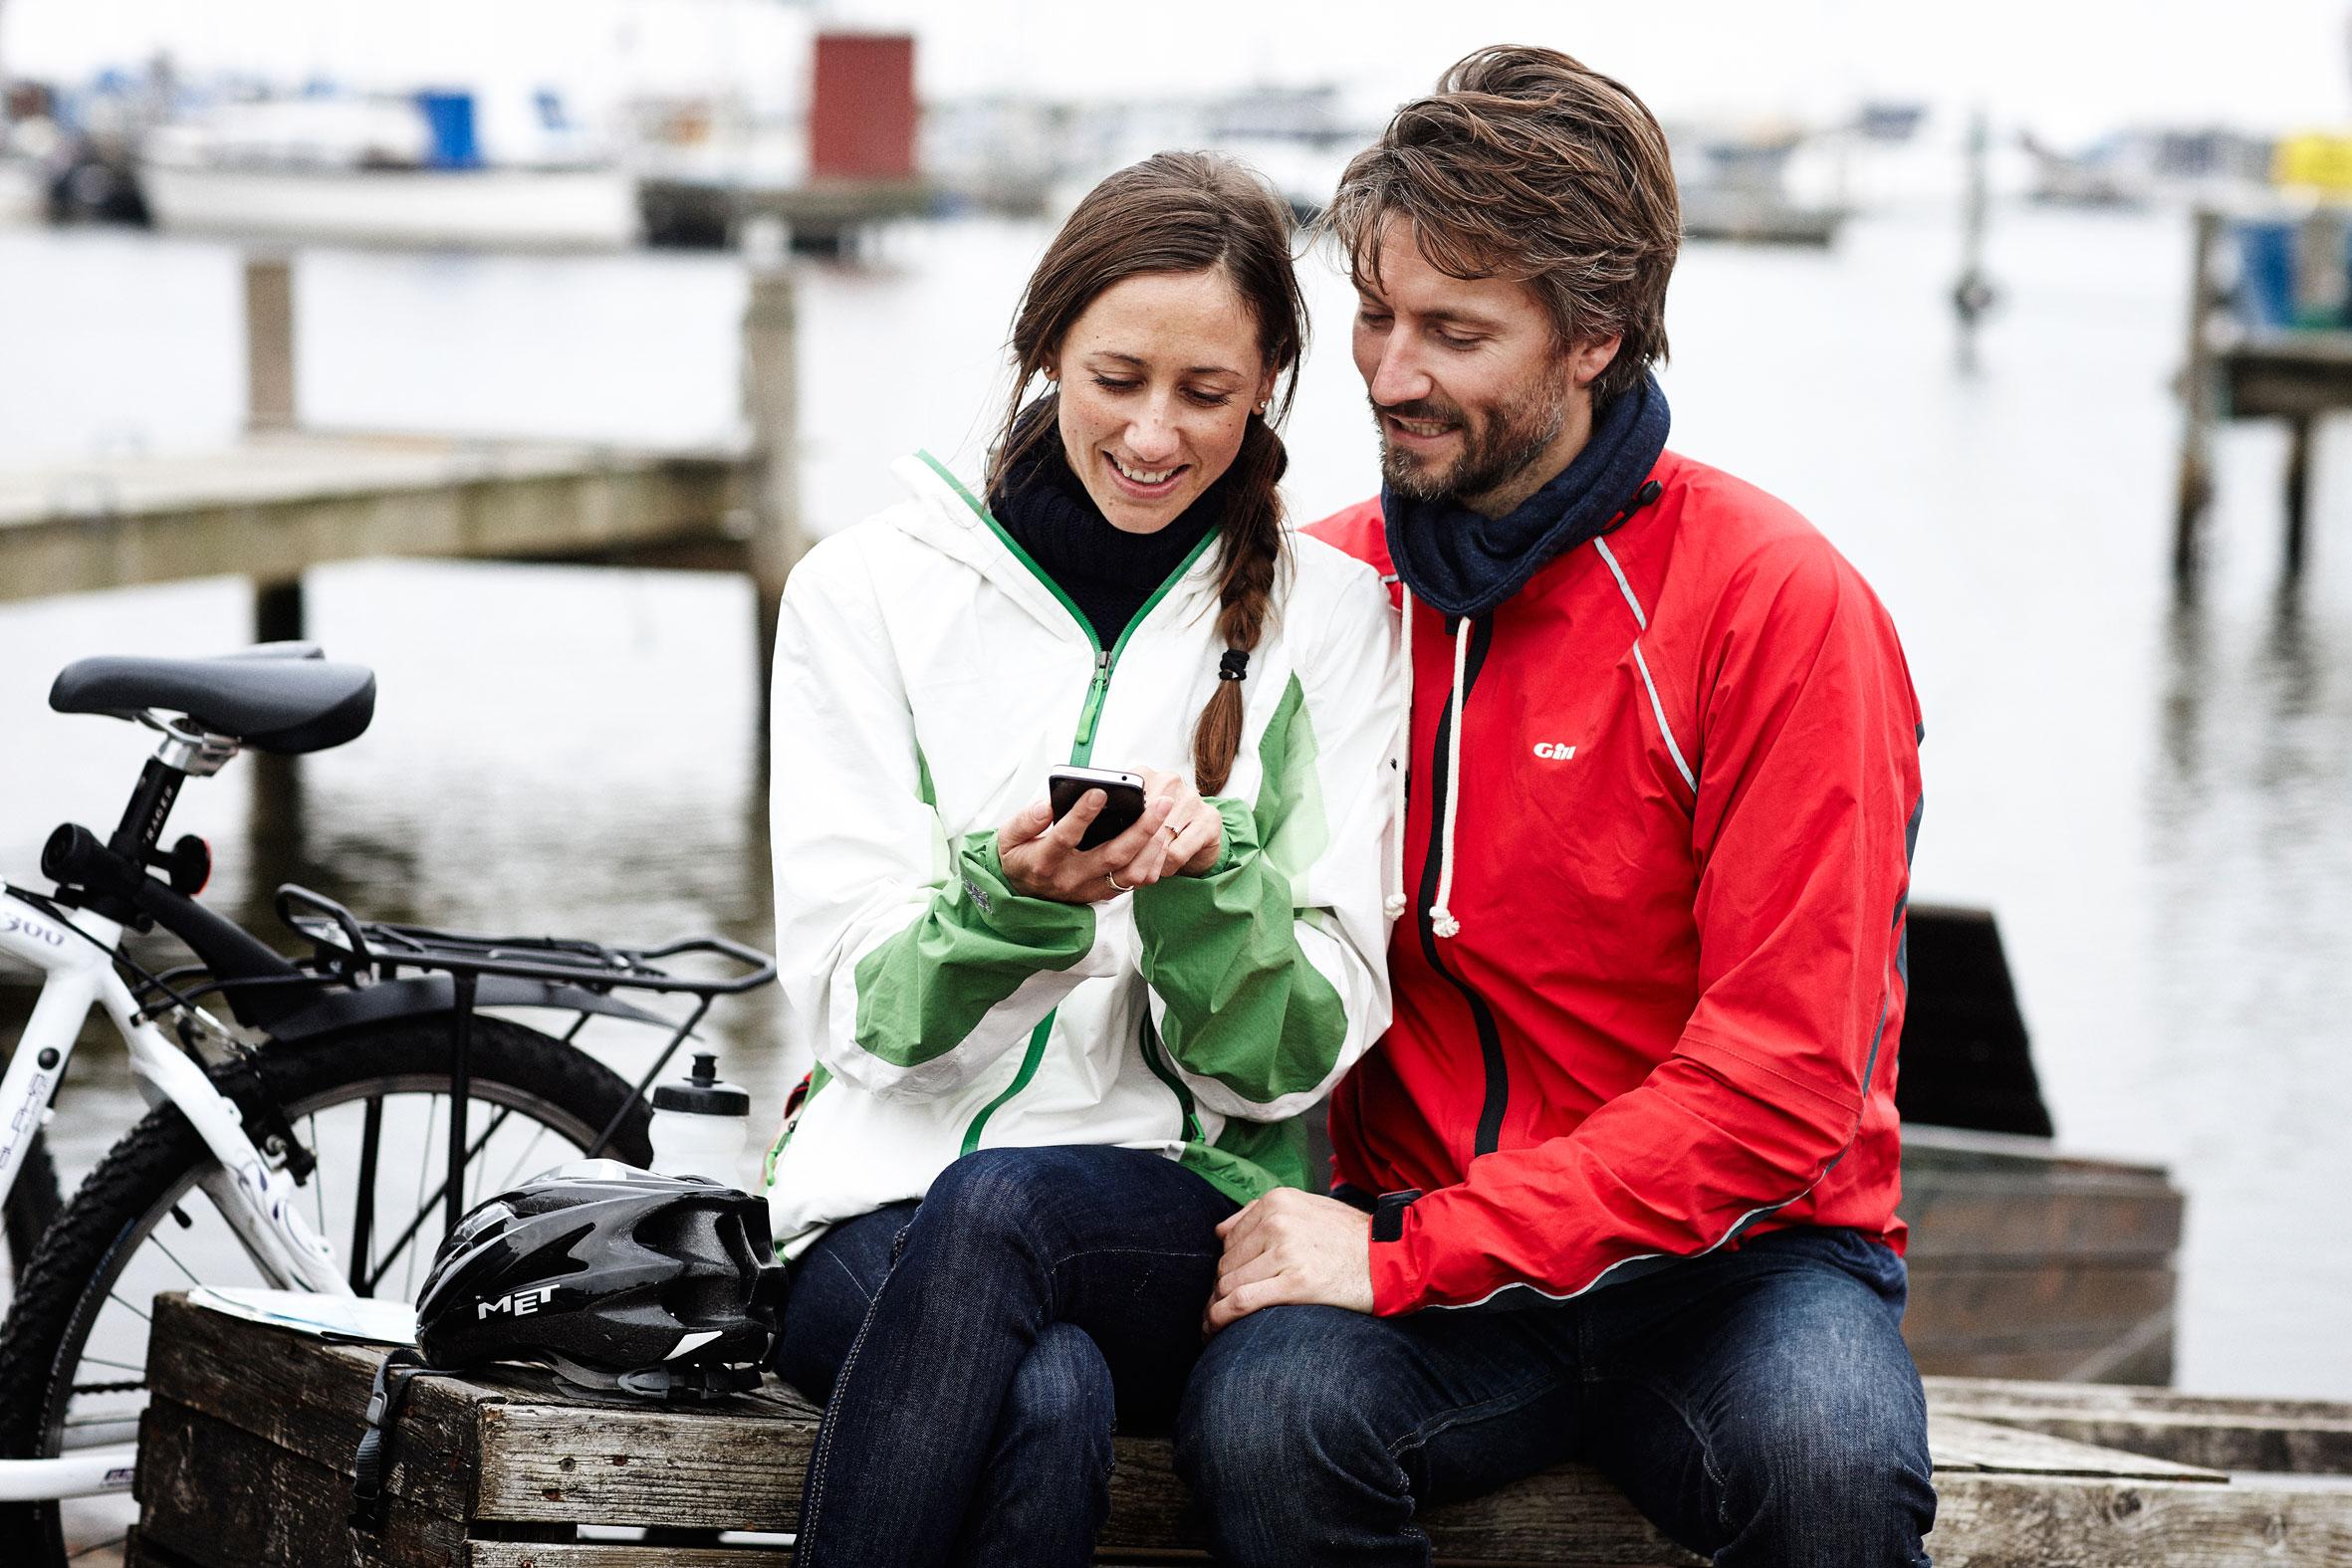 Regeringens finanslovsforslag har også fokus på turisme, blandt andet Tour de France-start i Danmark og lavere elafgifter til sommerhuse. Arkivfoto fra VisitDenmark, foto Niclas Jessen.